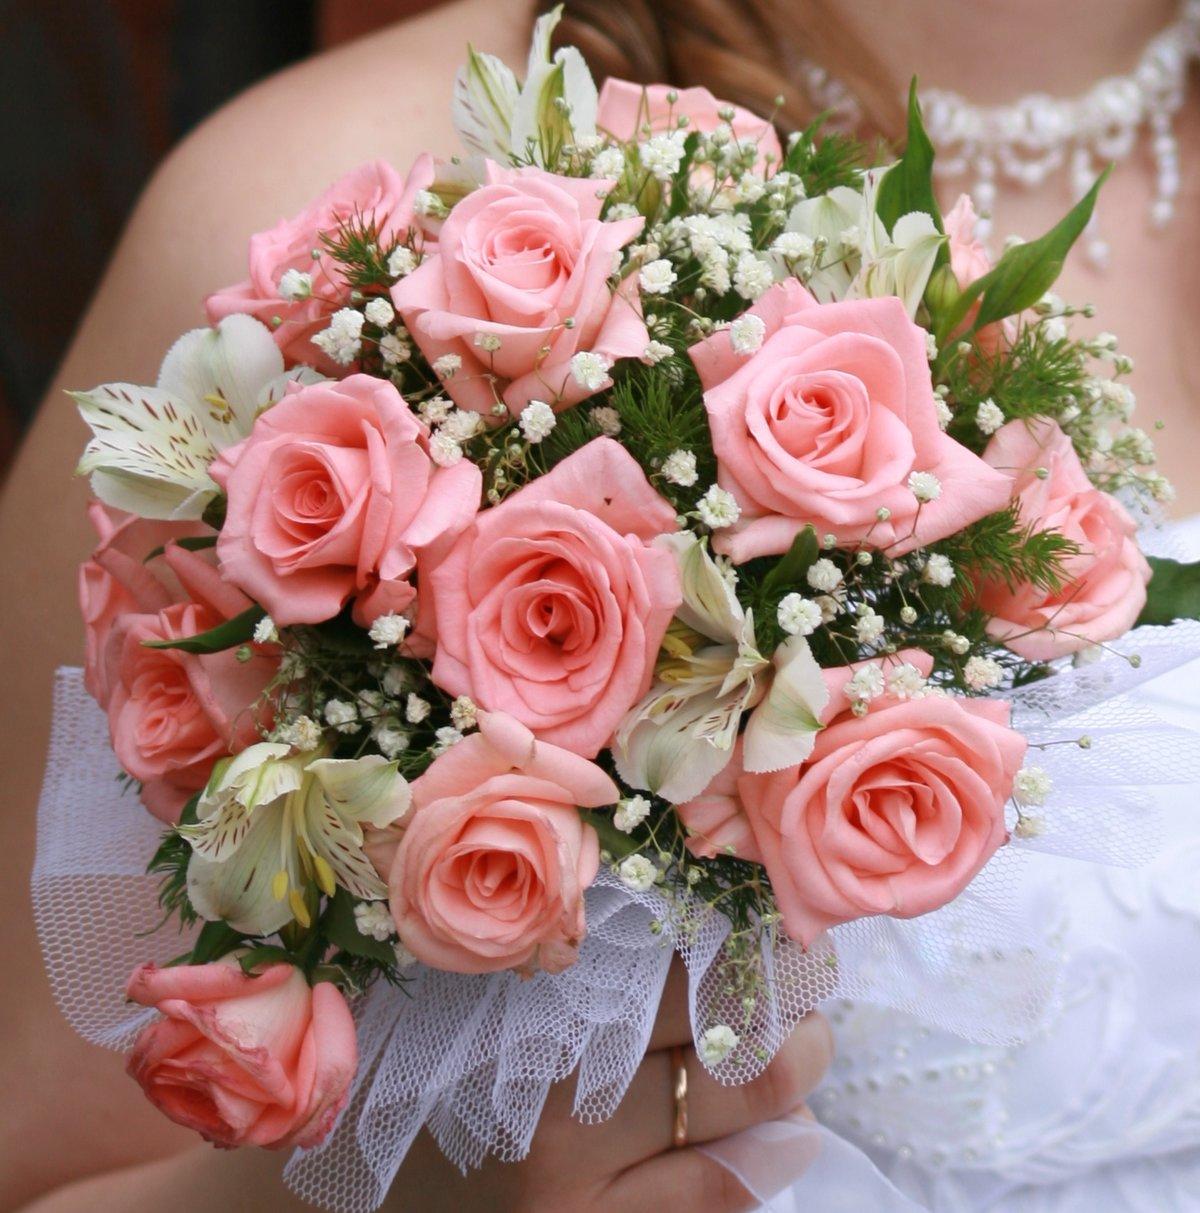 Ромашки фото, букет невесты розового цвета